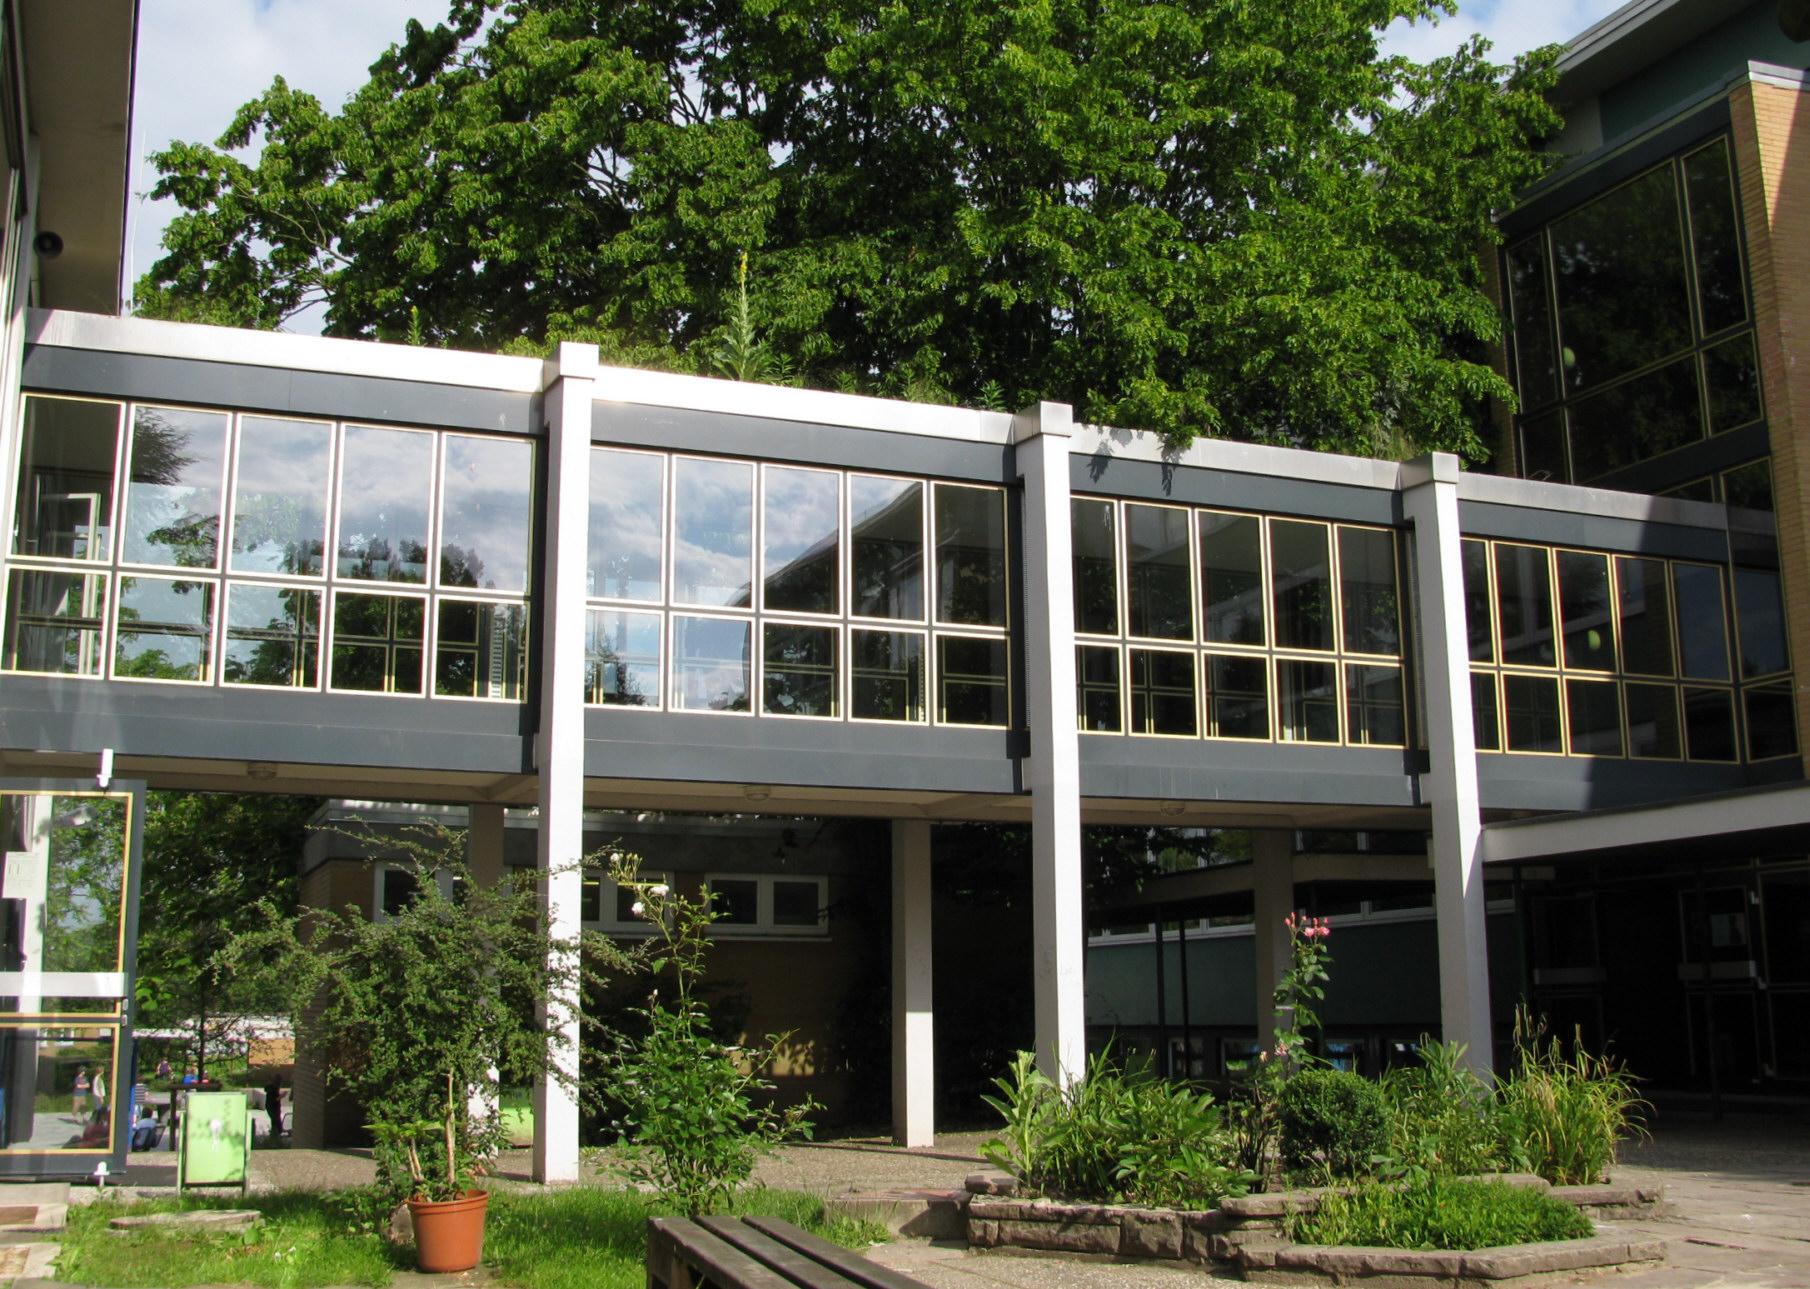 File Llg Giessen Passage Zwischen Haus A Und B Giessen Mitte 2009 2